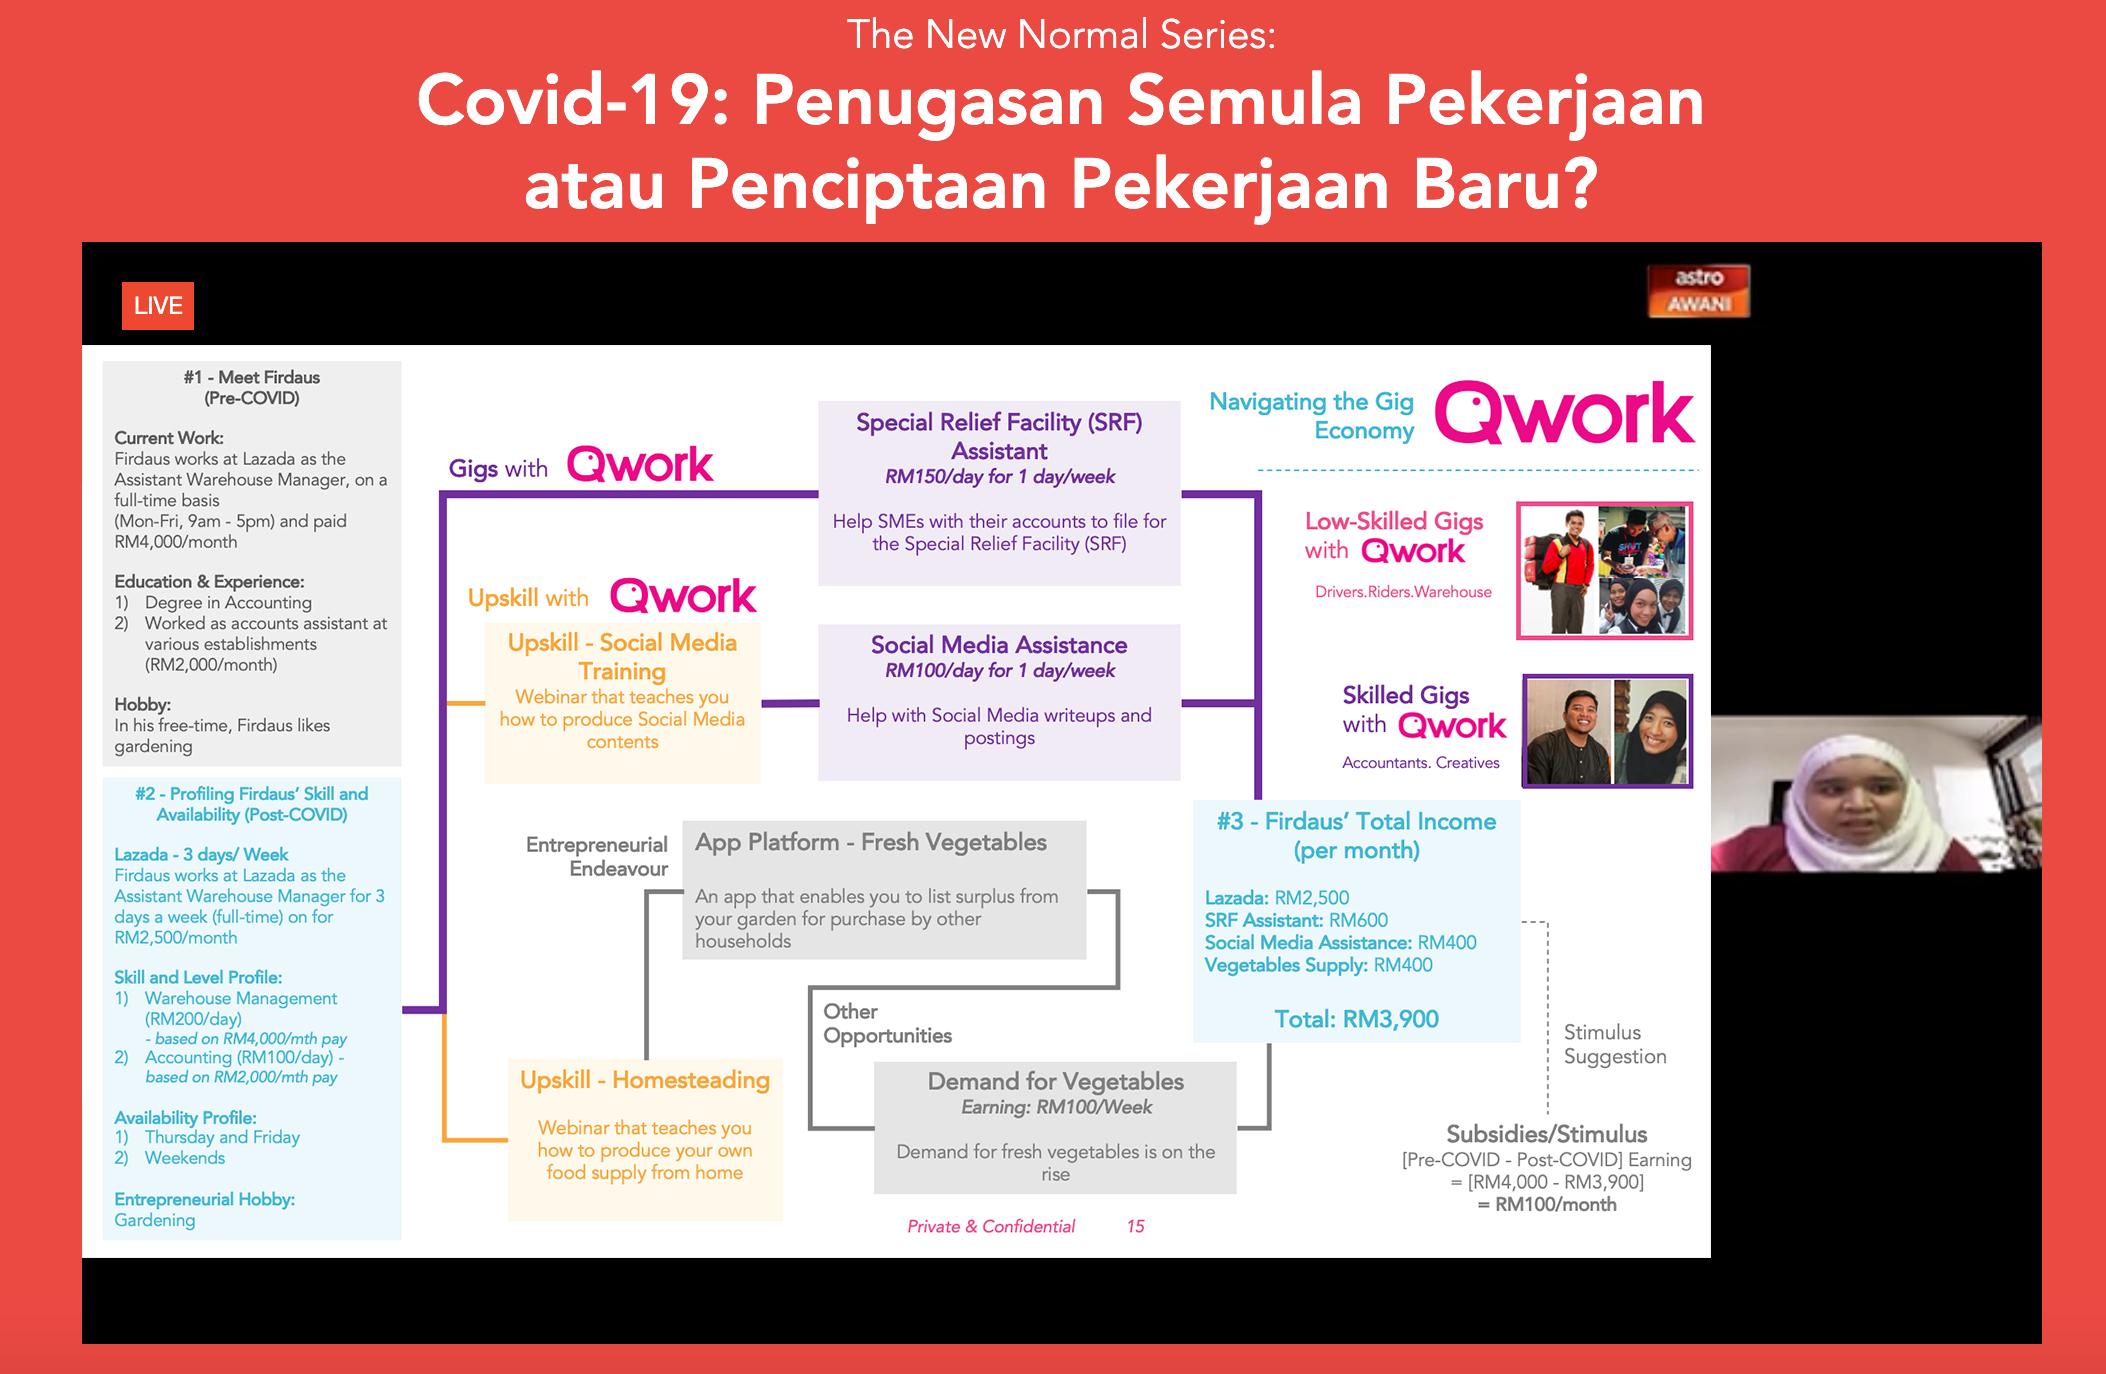 """The New Normal Series: """"Covid-19 - Penugasan Semula Pekerjaan atau Penciptaan Pekerjaan Baru?"""" by Astro Awani"""